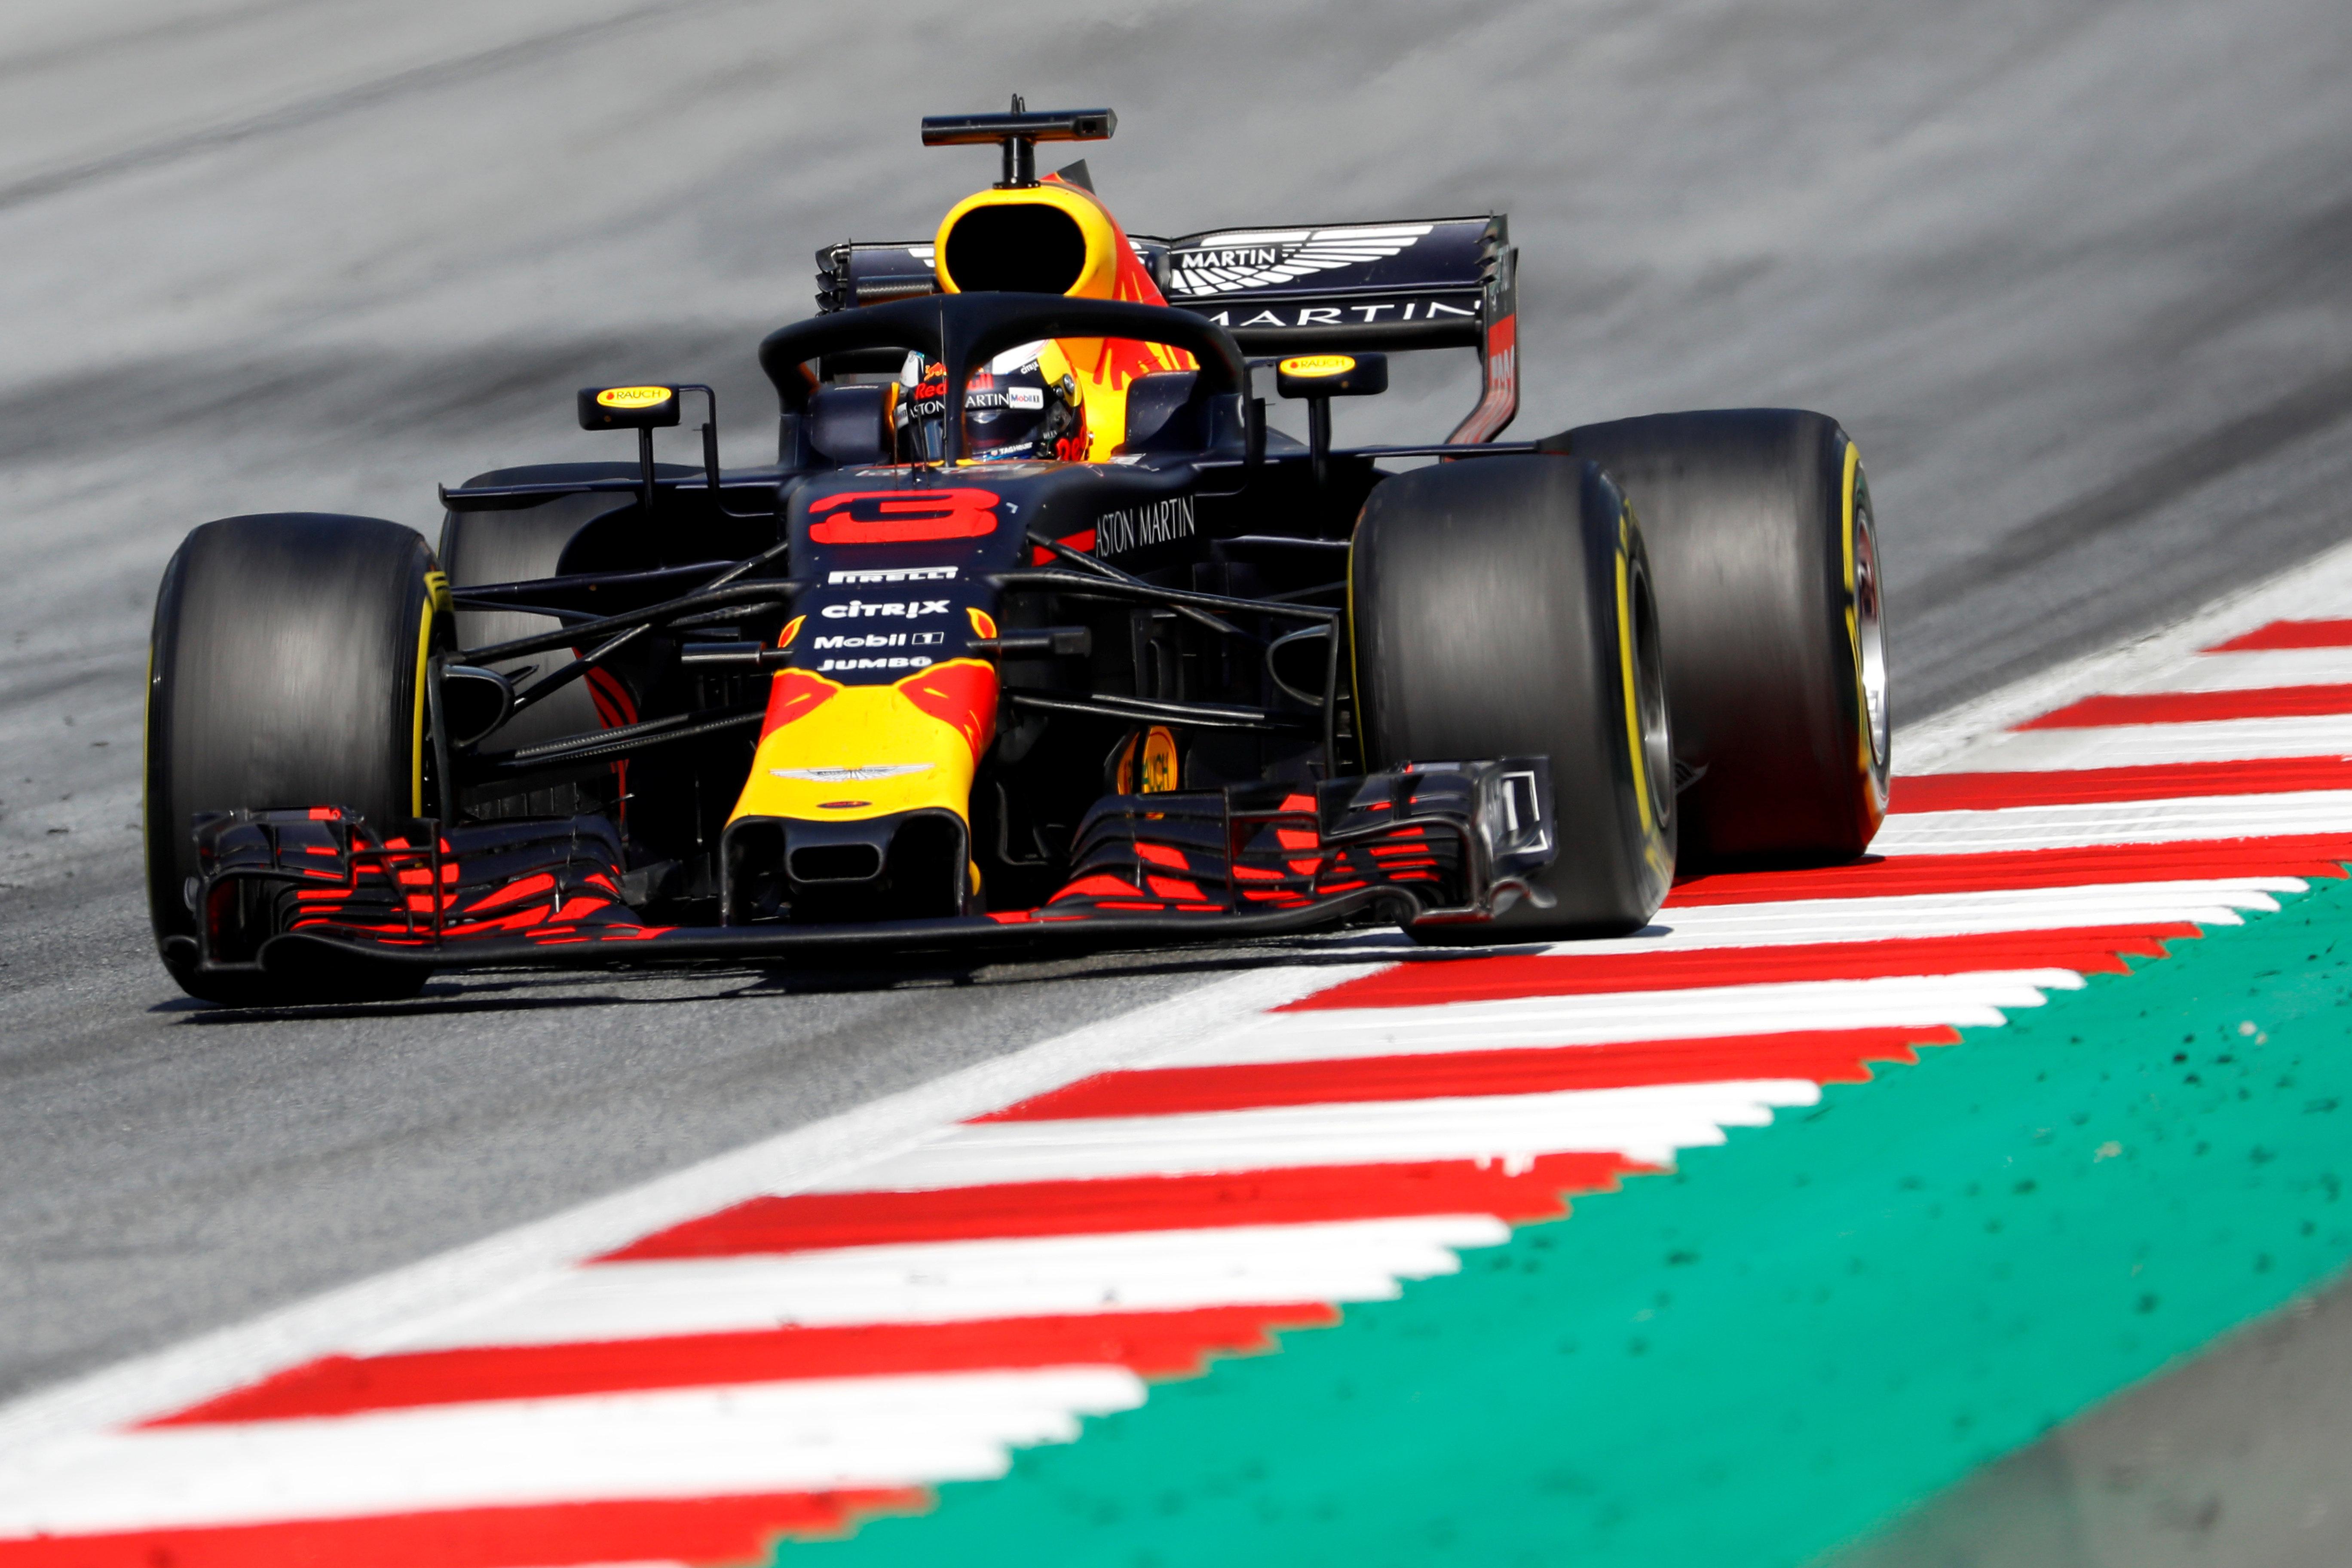 Formel 1 im Live Stream: Grand Prix von Großbritannien online